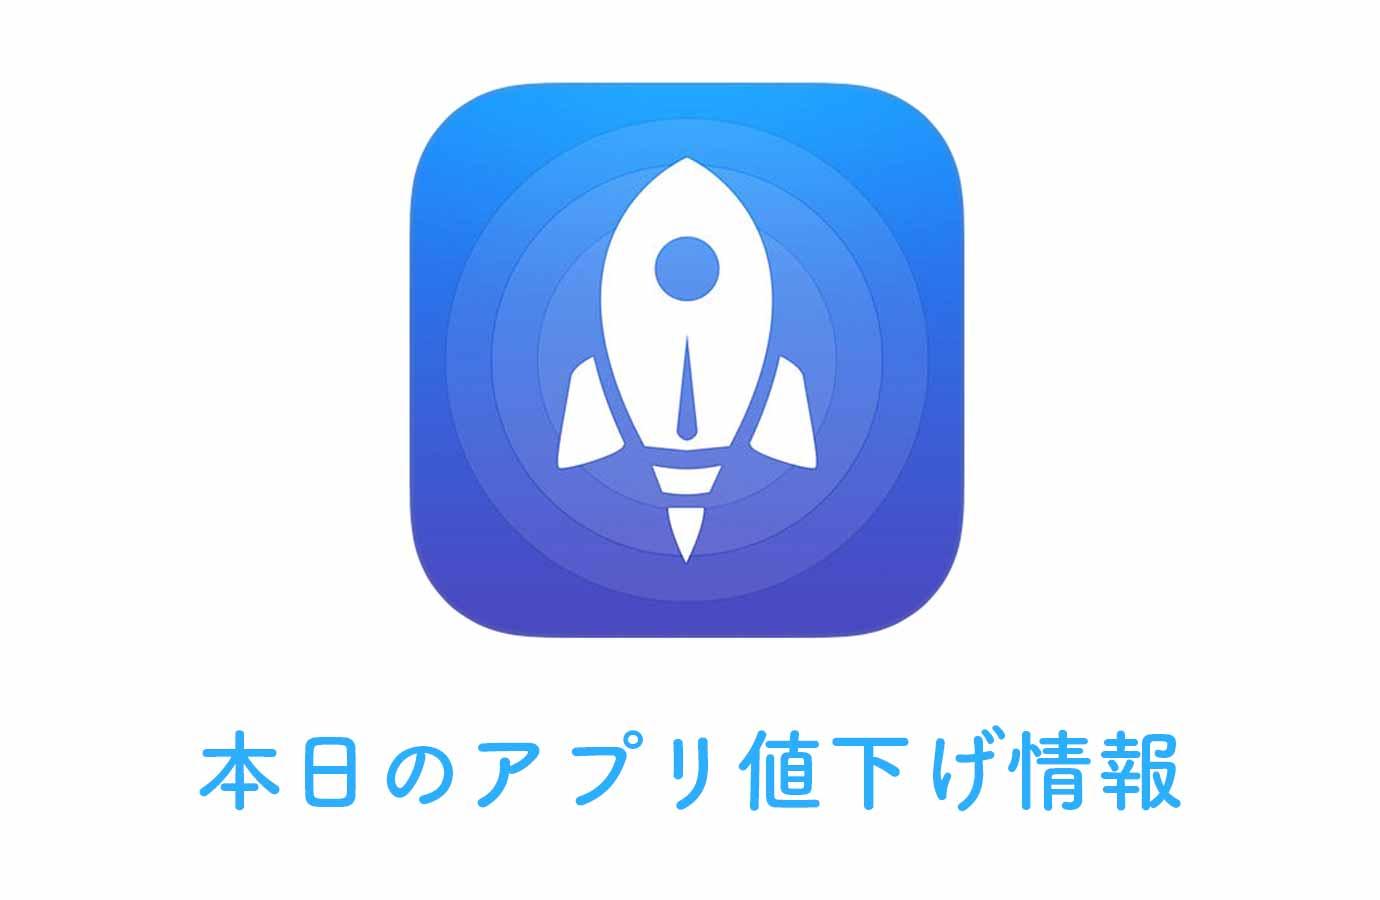 600円→360円!人気ランチャーアプリ「Launch Center Pro」など【1/1】アプリ値下げ情報